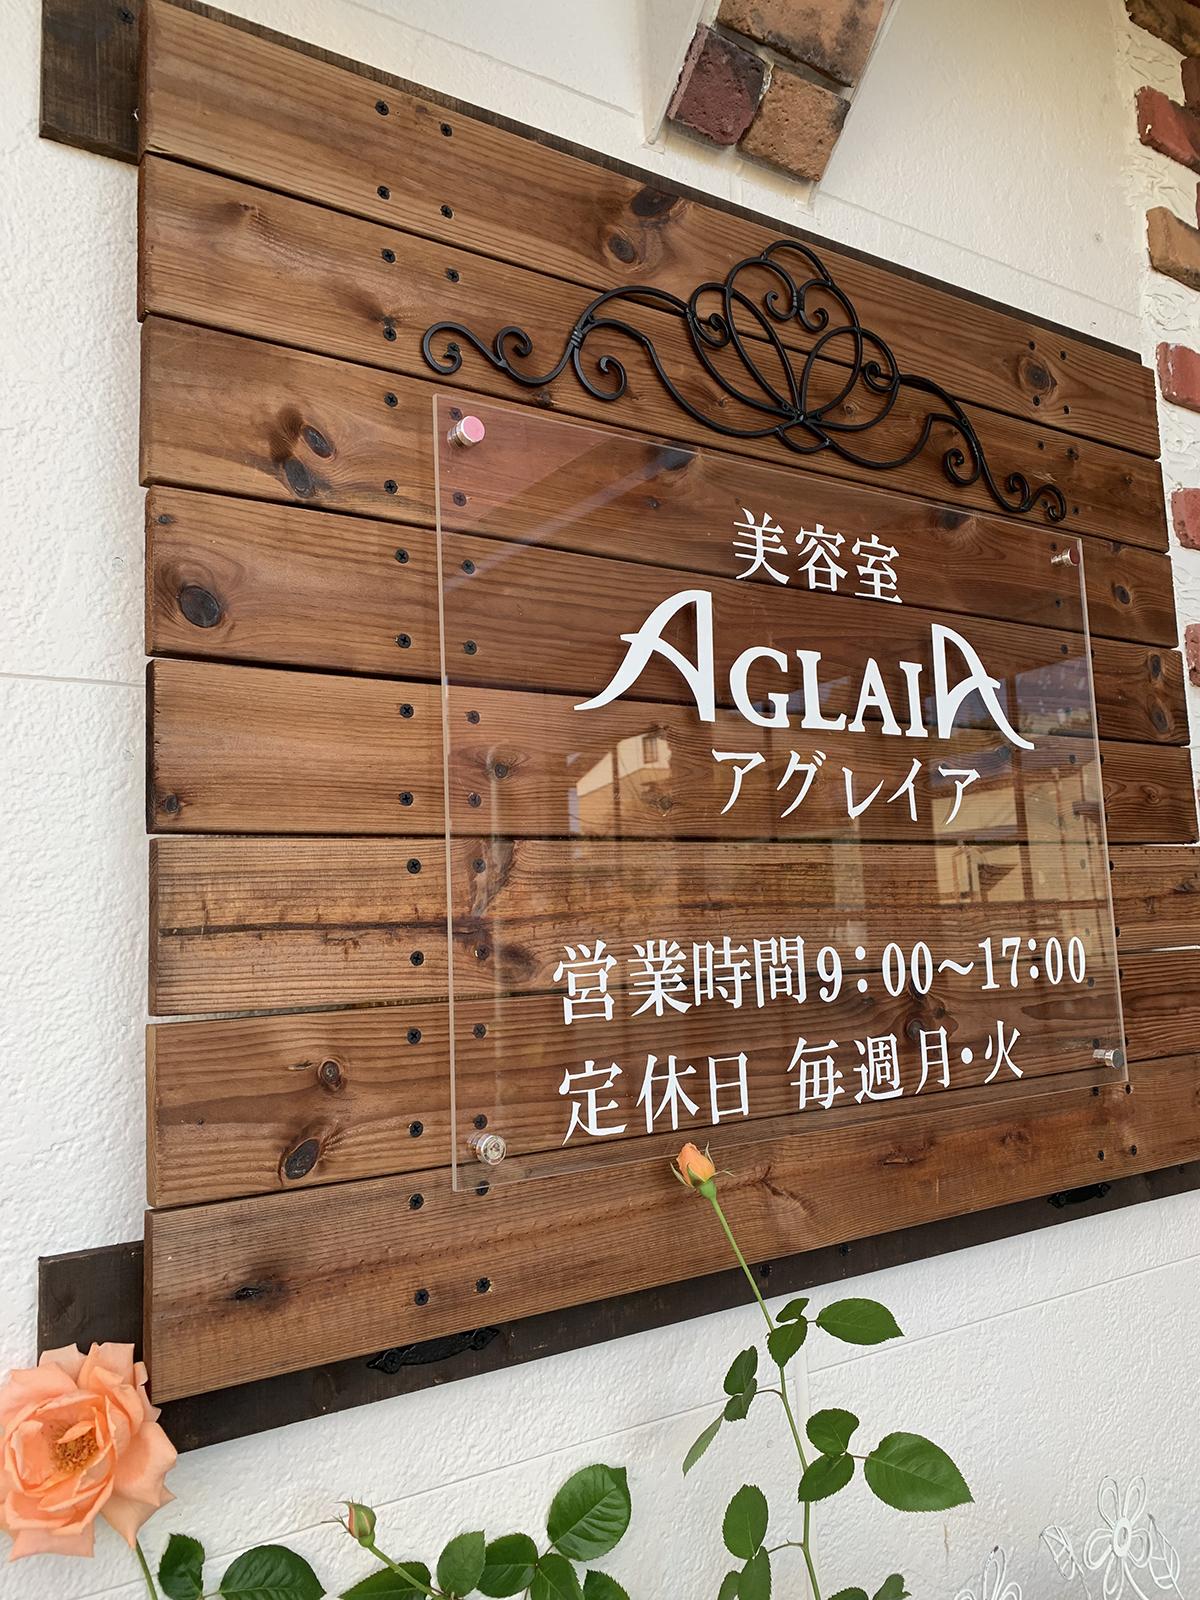 AGLAIA(アグレイア)では